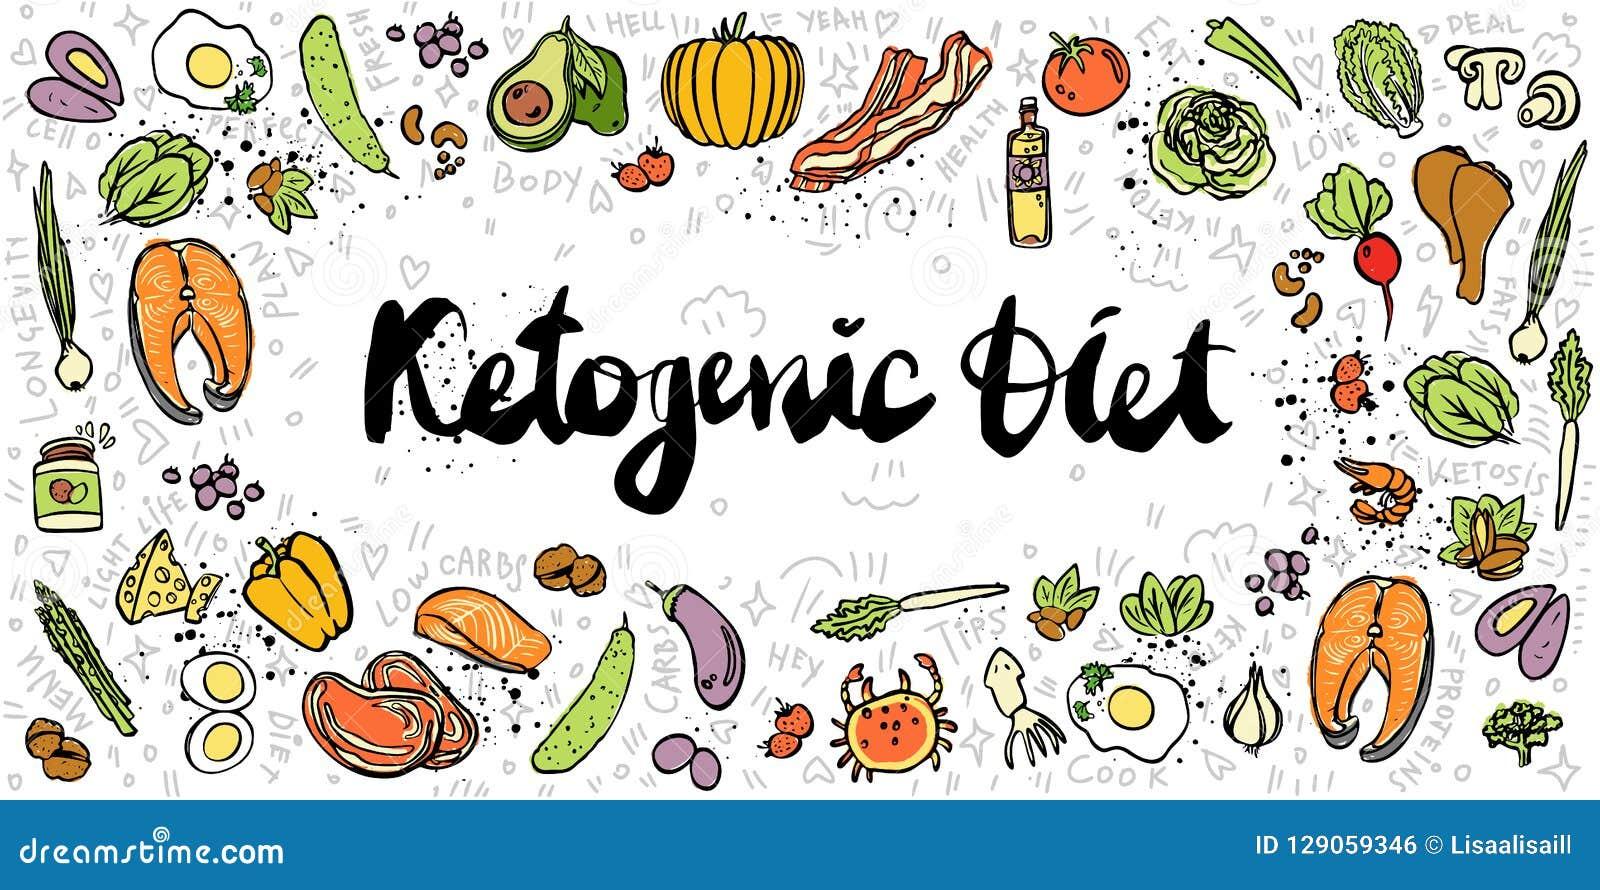 Ilustração Ketogenic da bandeira do esboço do vetor da dieta Alimento saudável do keto com textura e elementos decorativos - gord